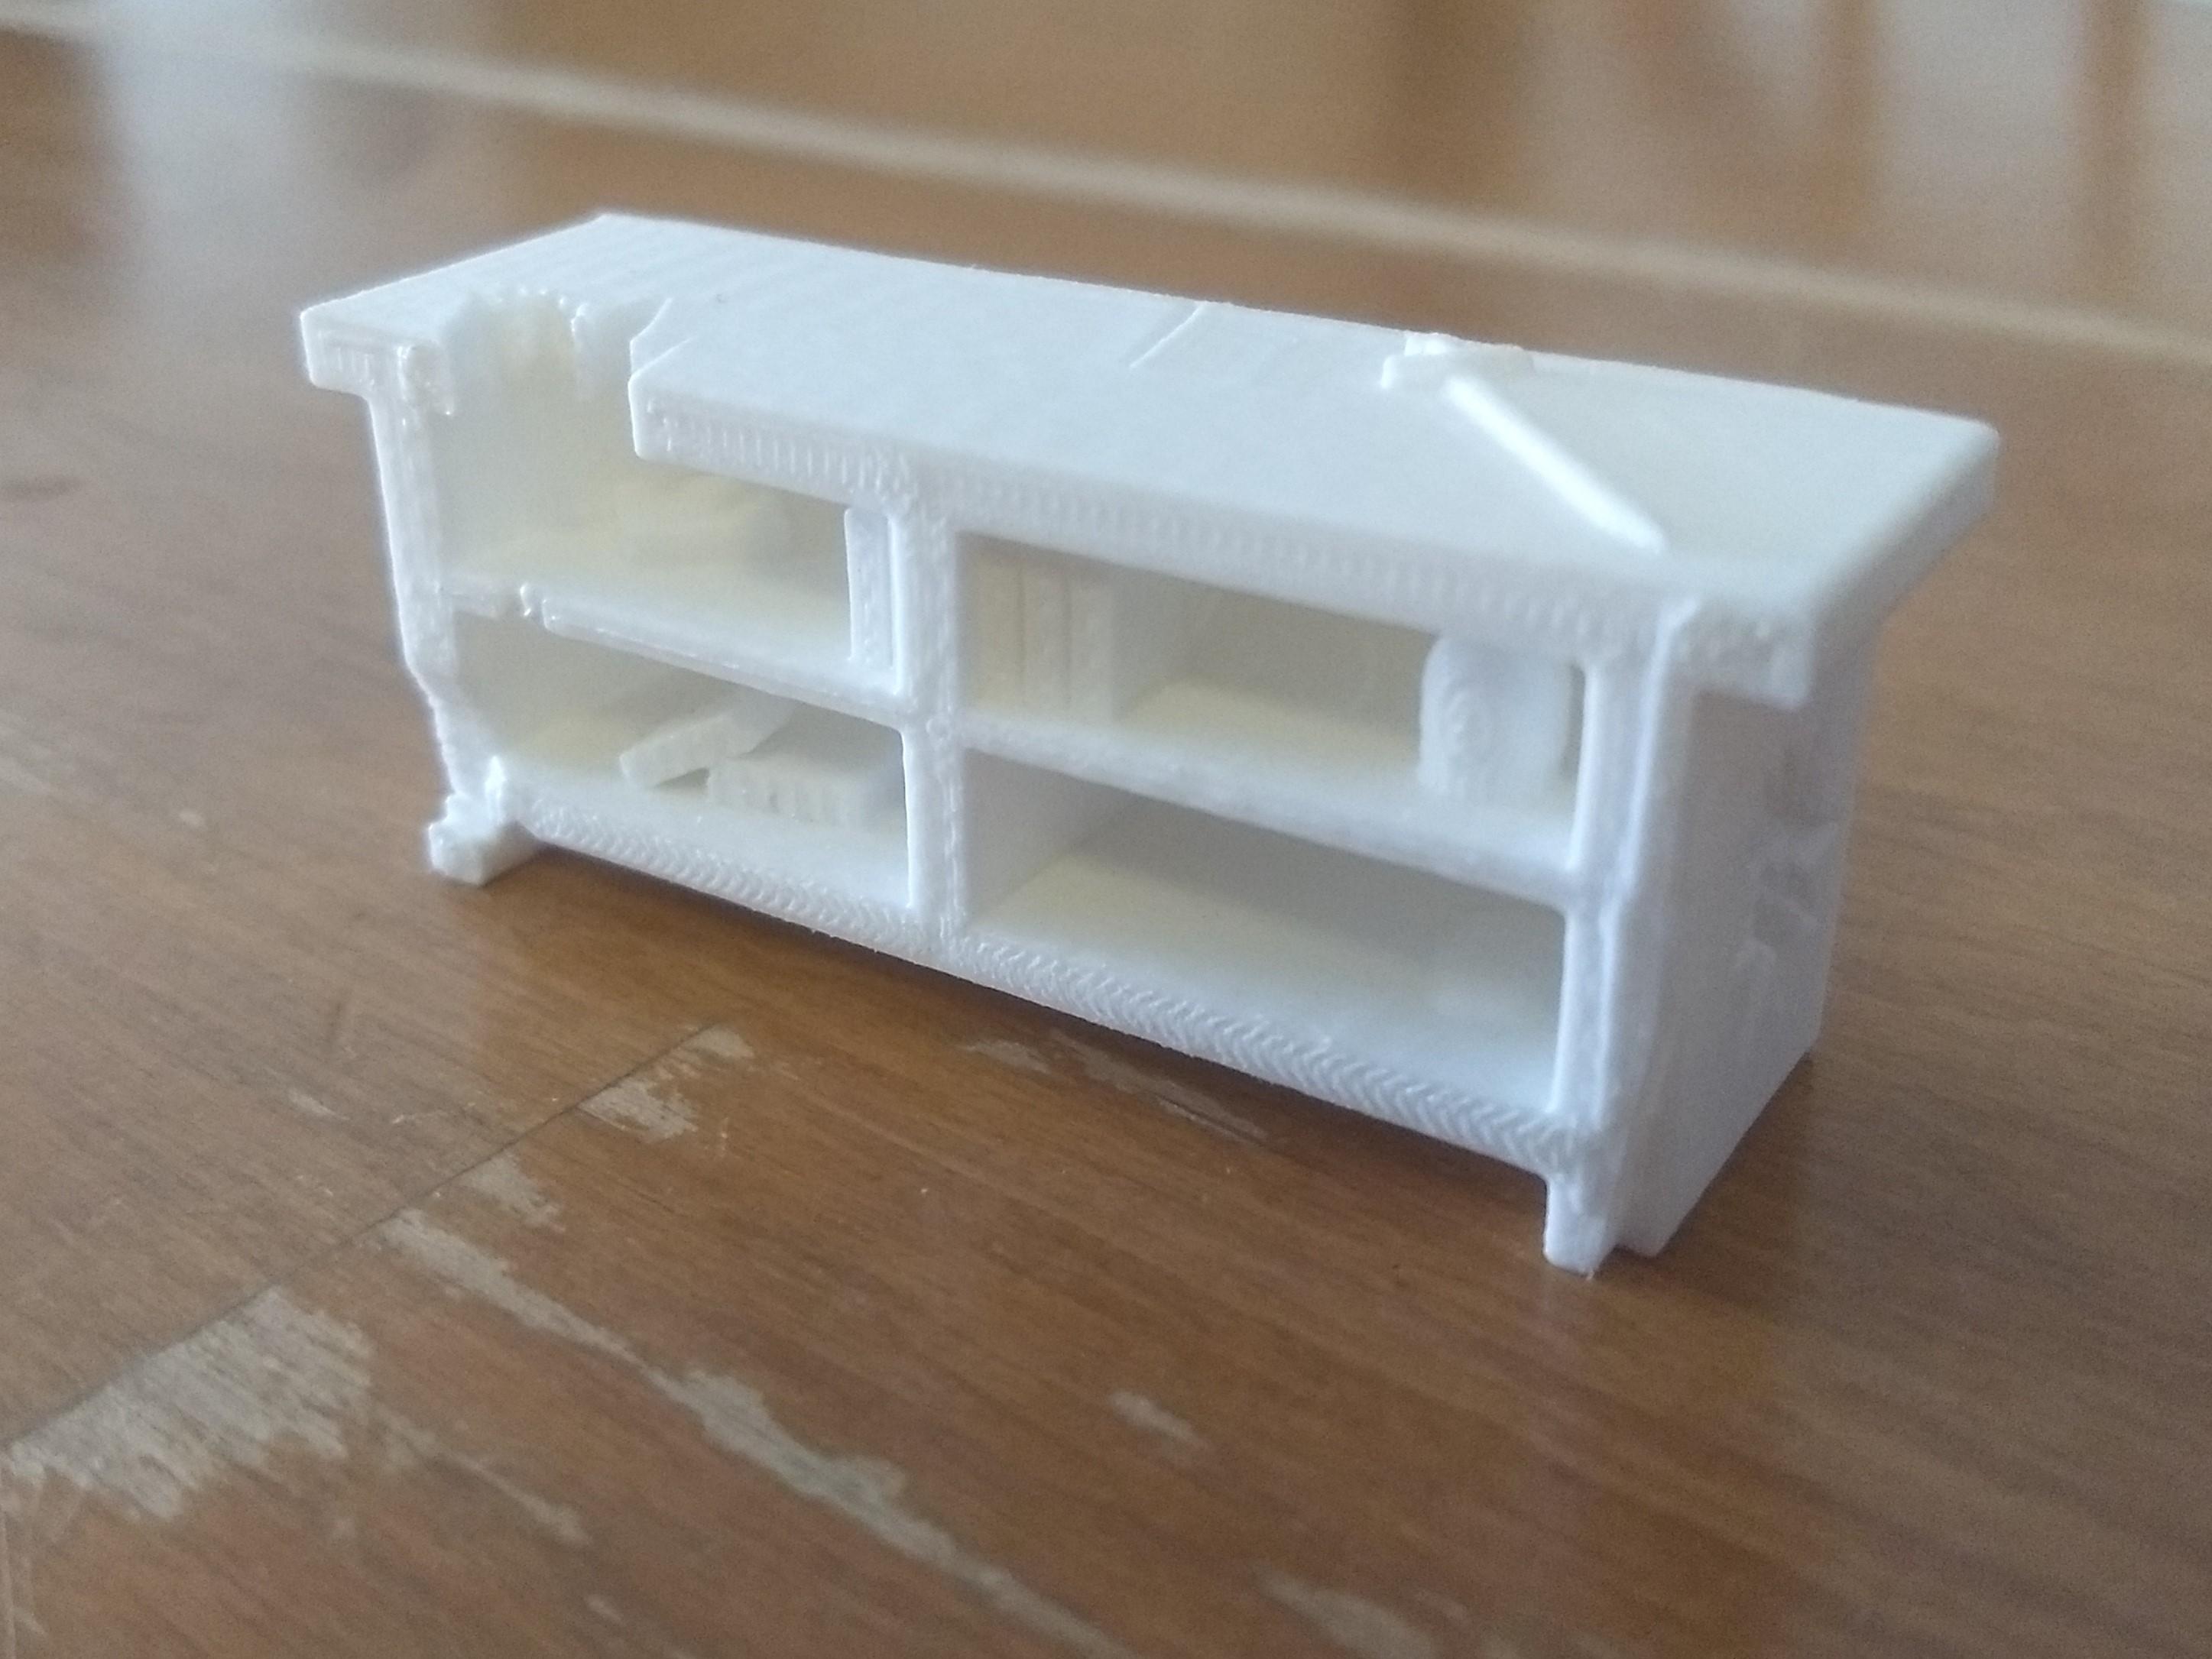 3D printed ancient desk